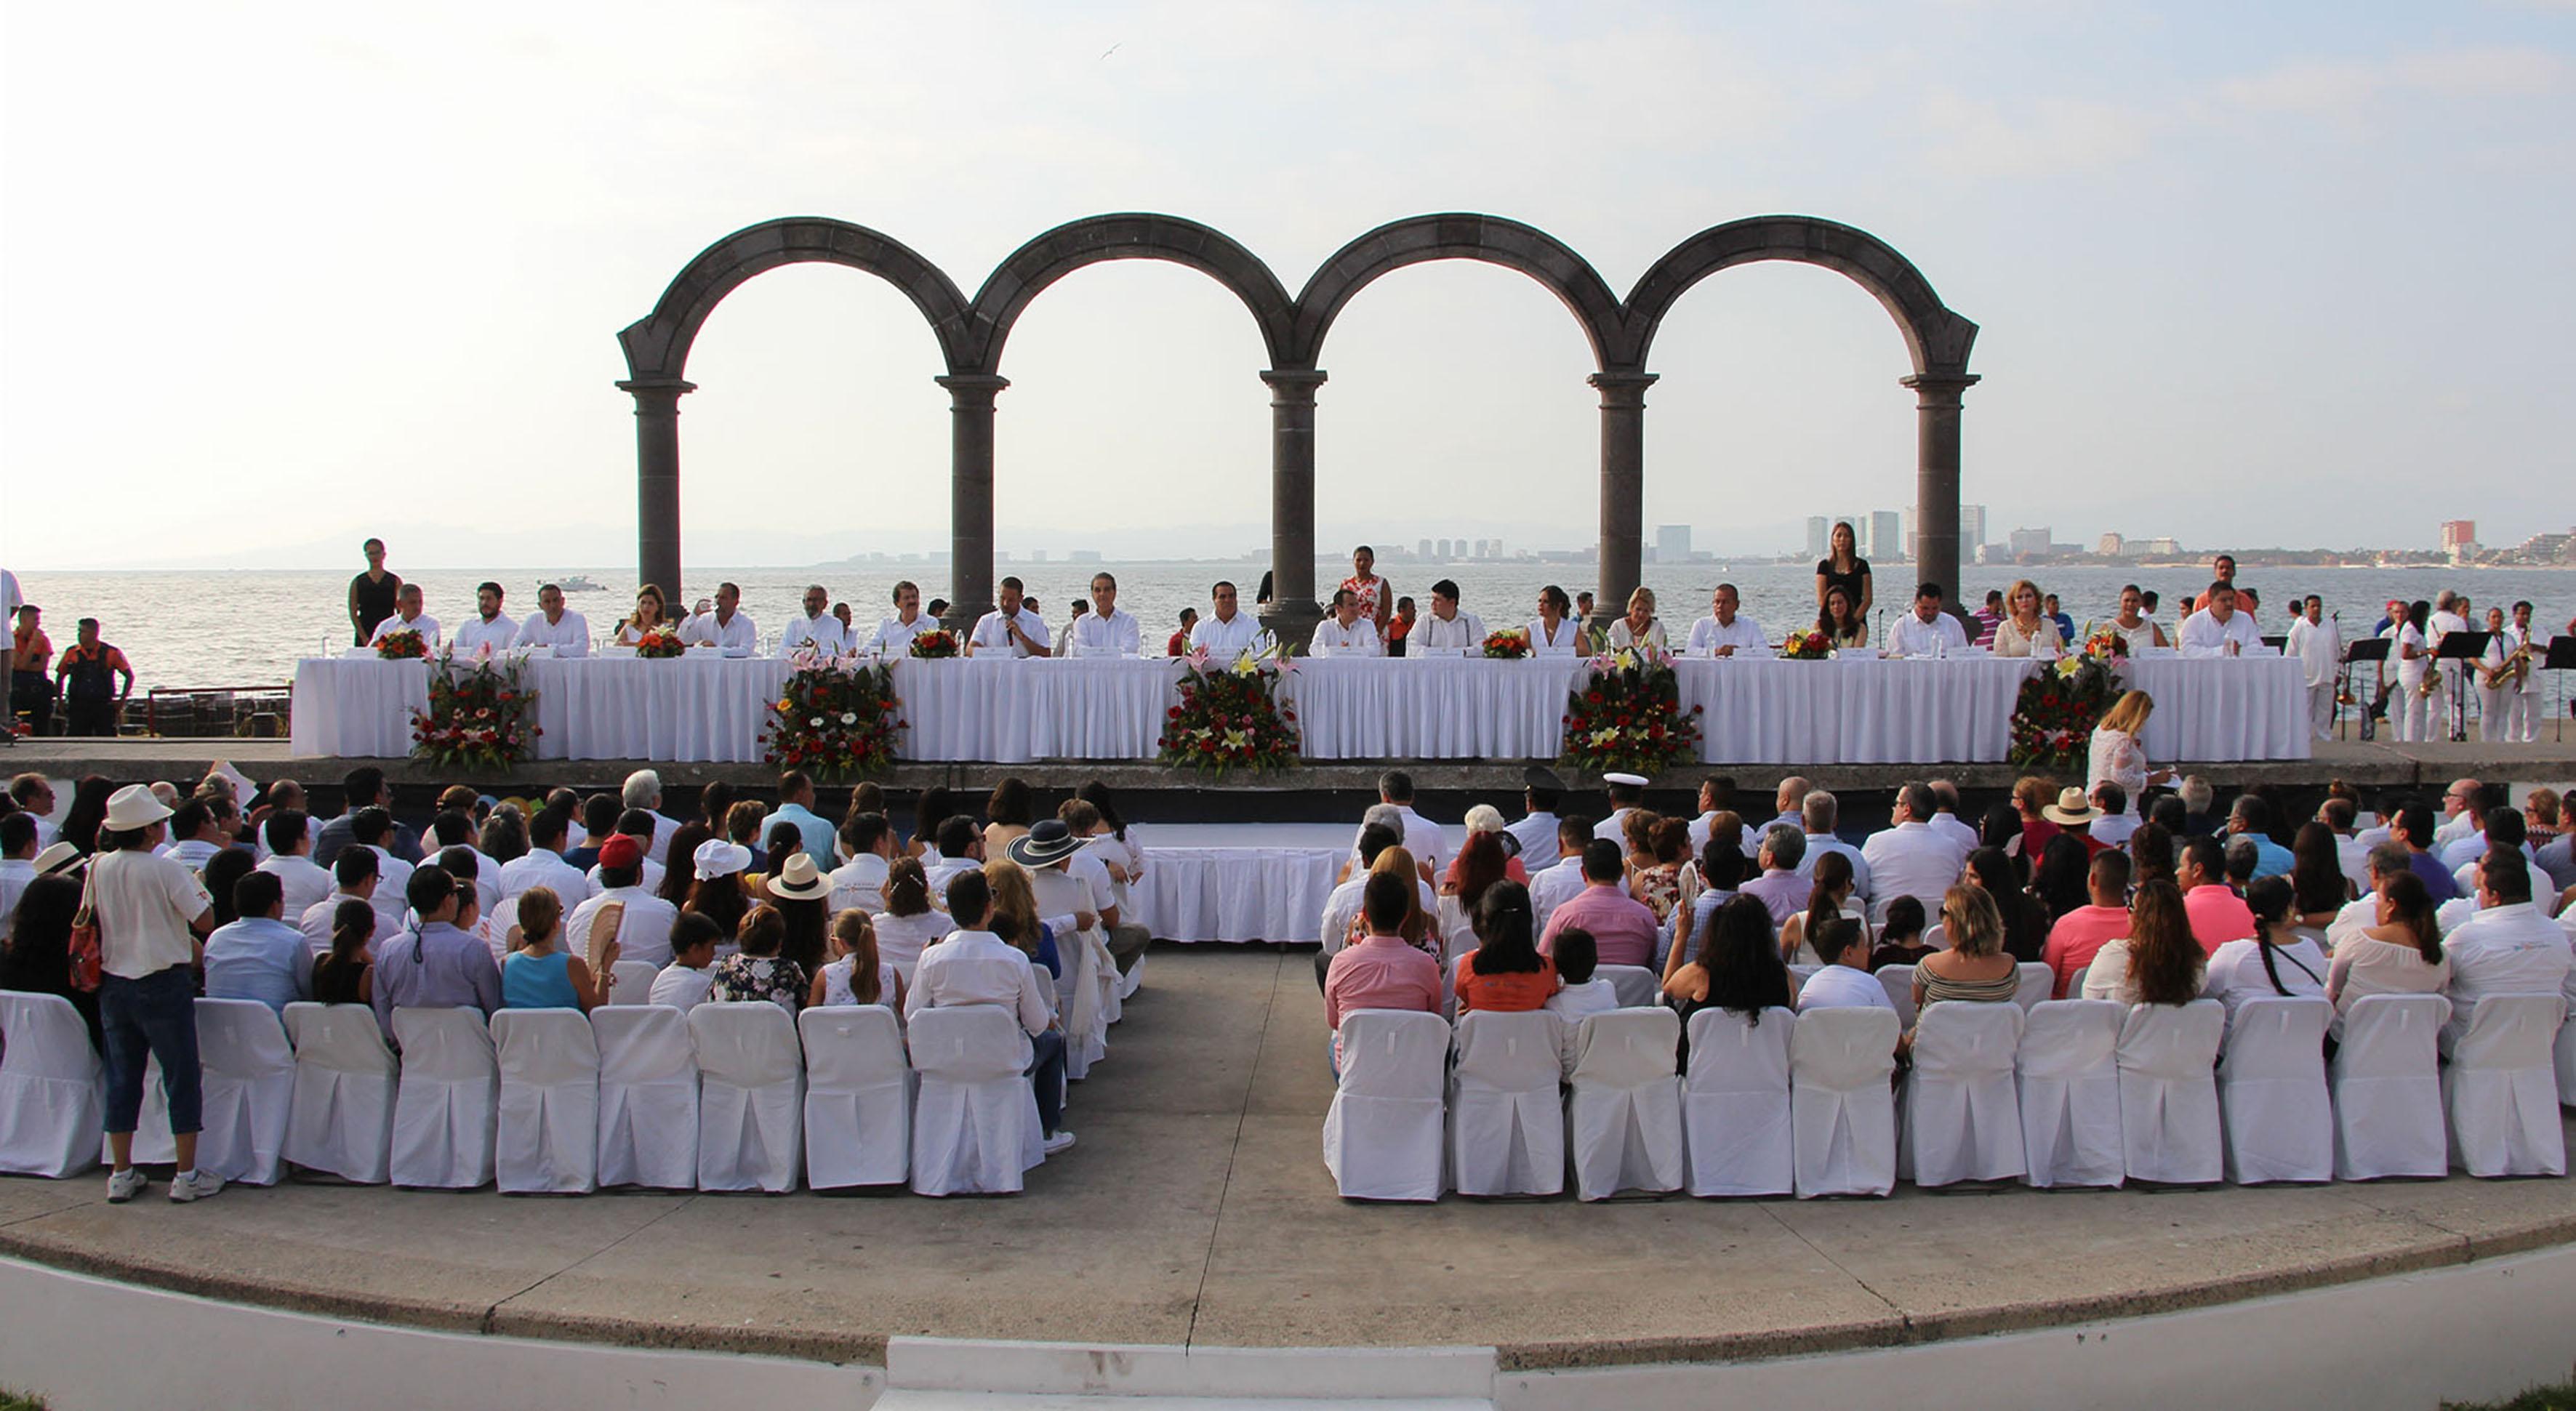 Integrantes del pleno, Presidente municipal de Puerto Vallarta y Secretario de Turismo del gobierno estatal, participando en la ceremonia de premiación.